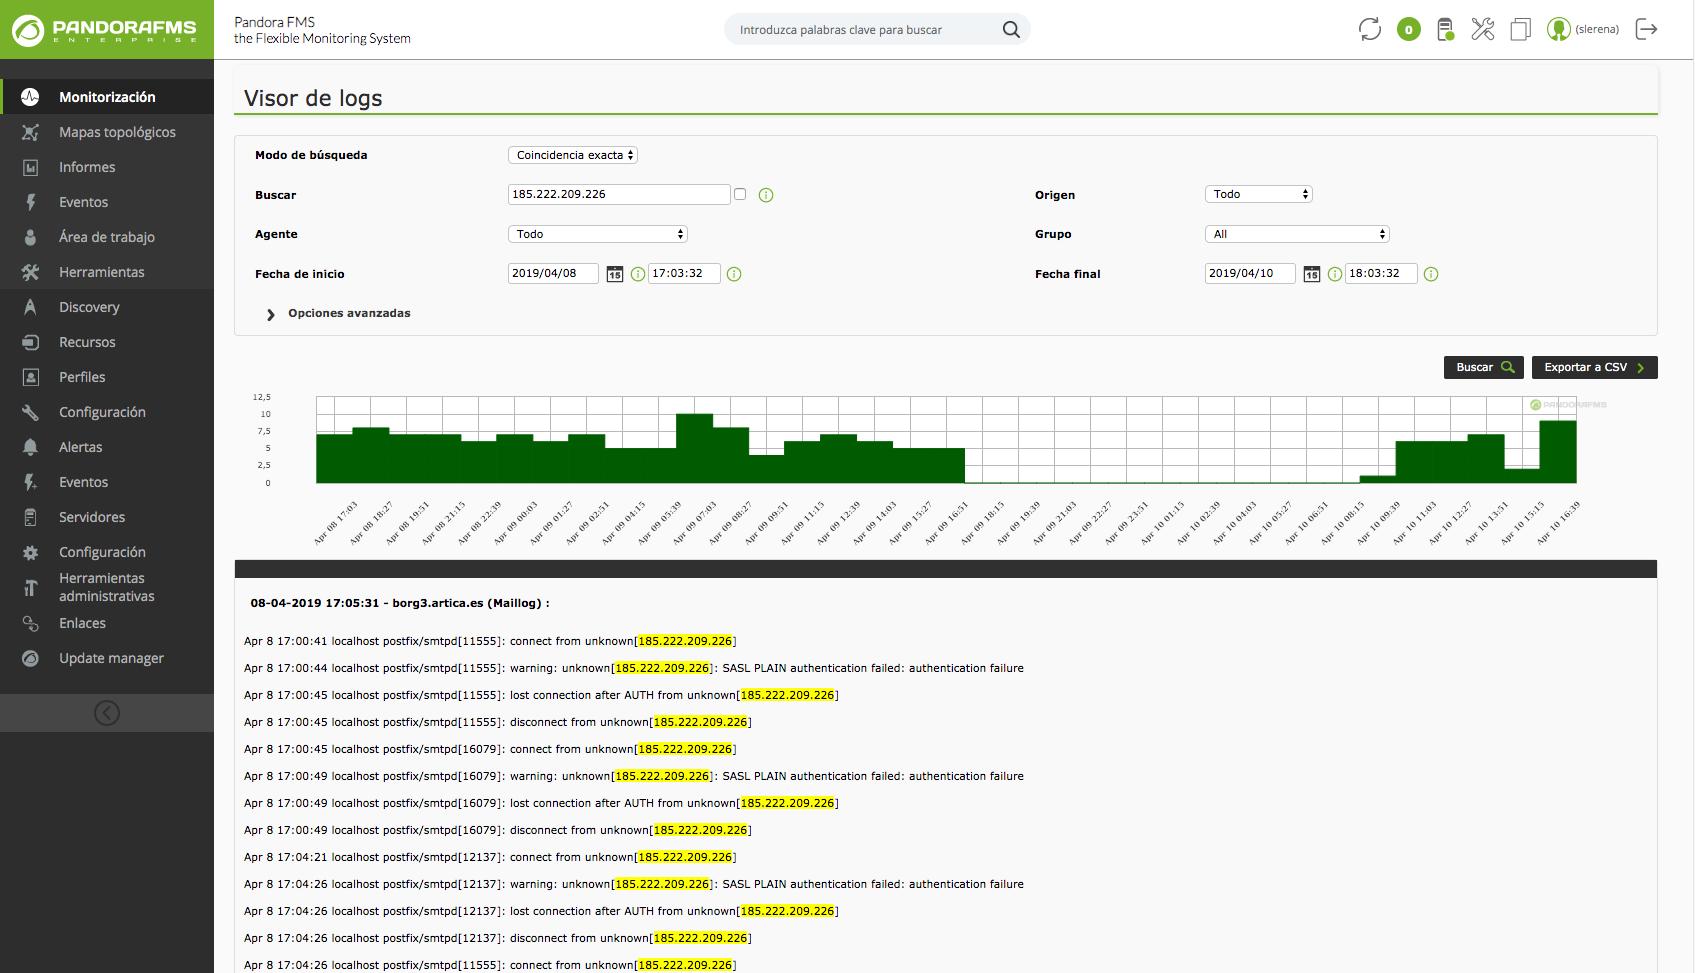 Pandora FMS incorpora LogStash + ElasticSearch para almacenar la información de logs, lo que implica una mejora sustancial del rendimiento.